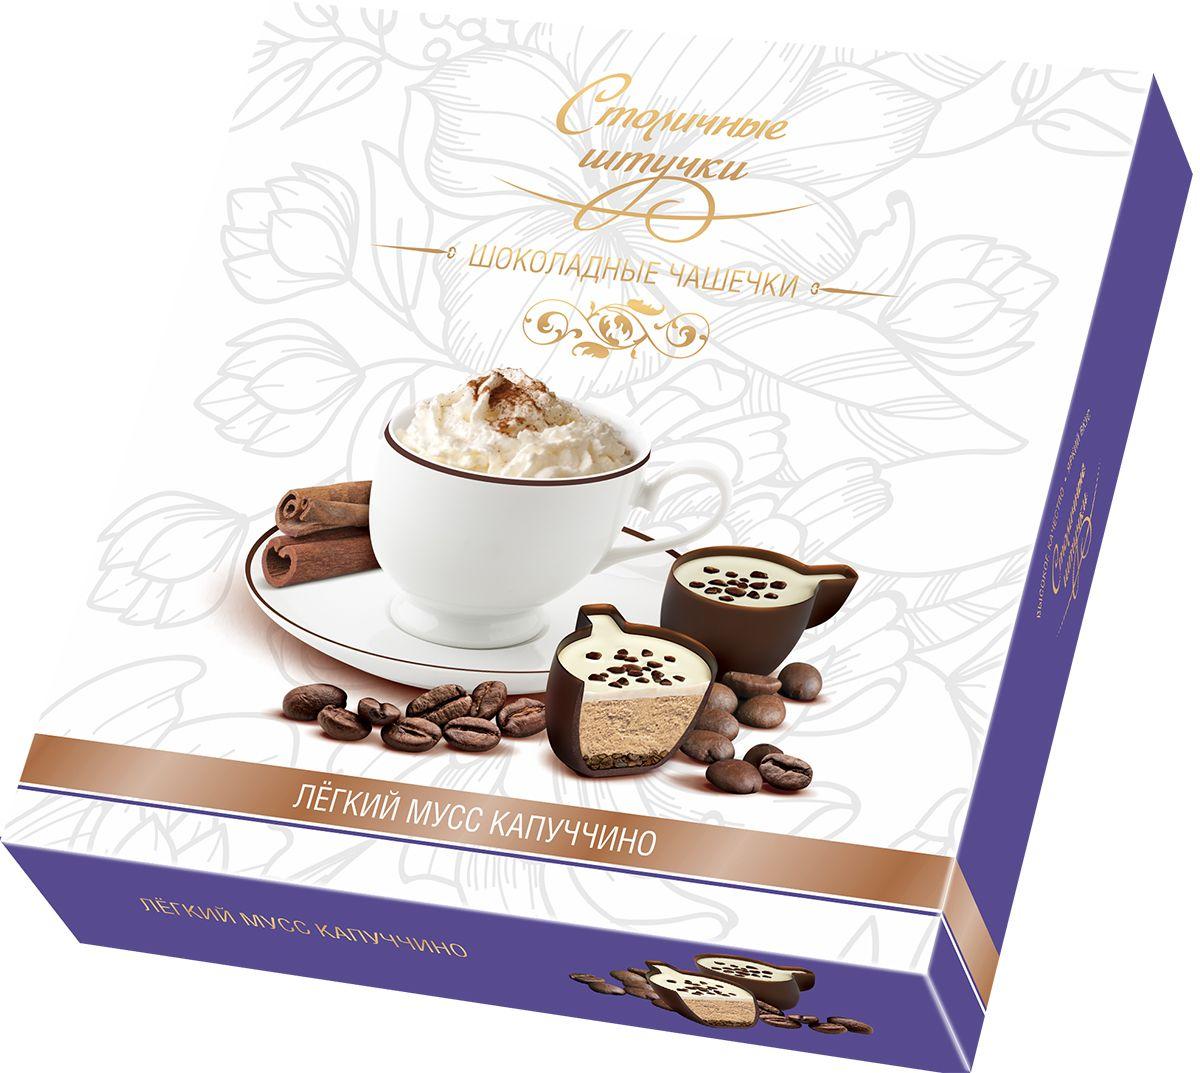 Столичные штучки Конфеты шоколадные Мусс капучино, 104 г0120710Классические шоколадные конфеты с начинкой из нежнейшего воздушного мусса с добавлением натурального кофе в чашечке из настоящего темного шоколада.